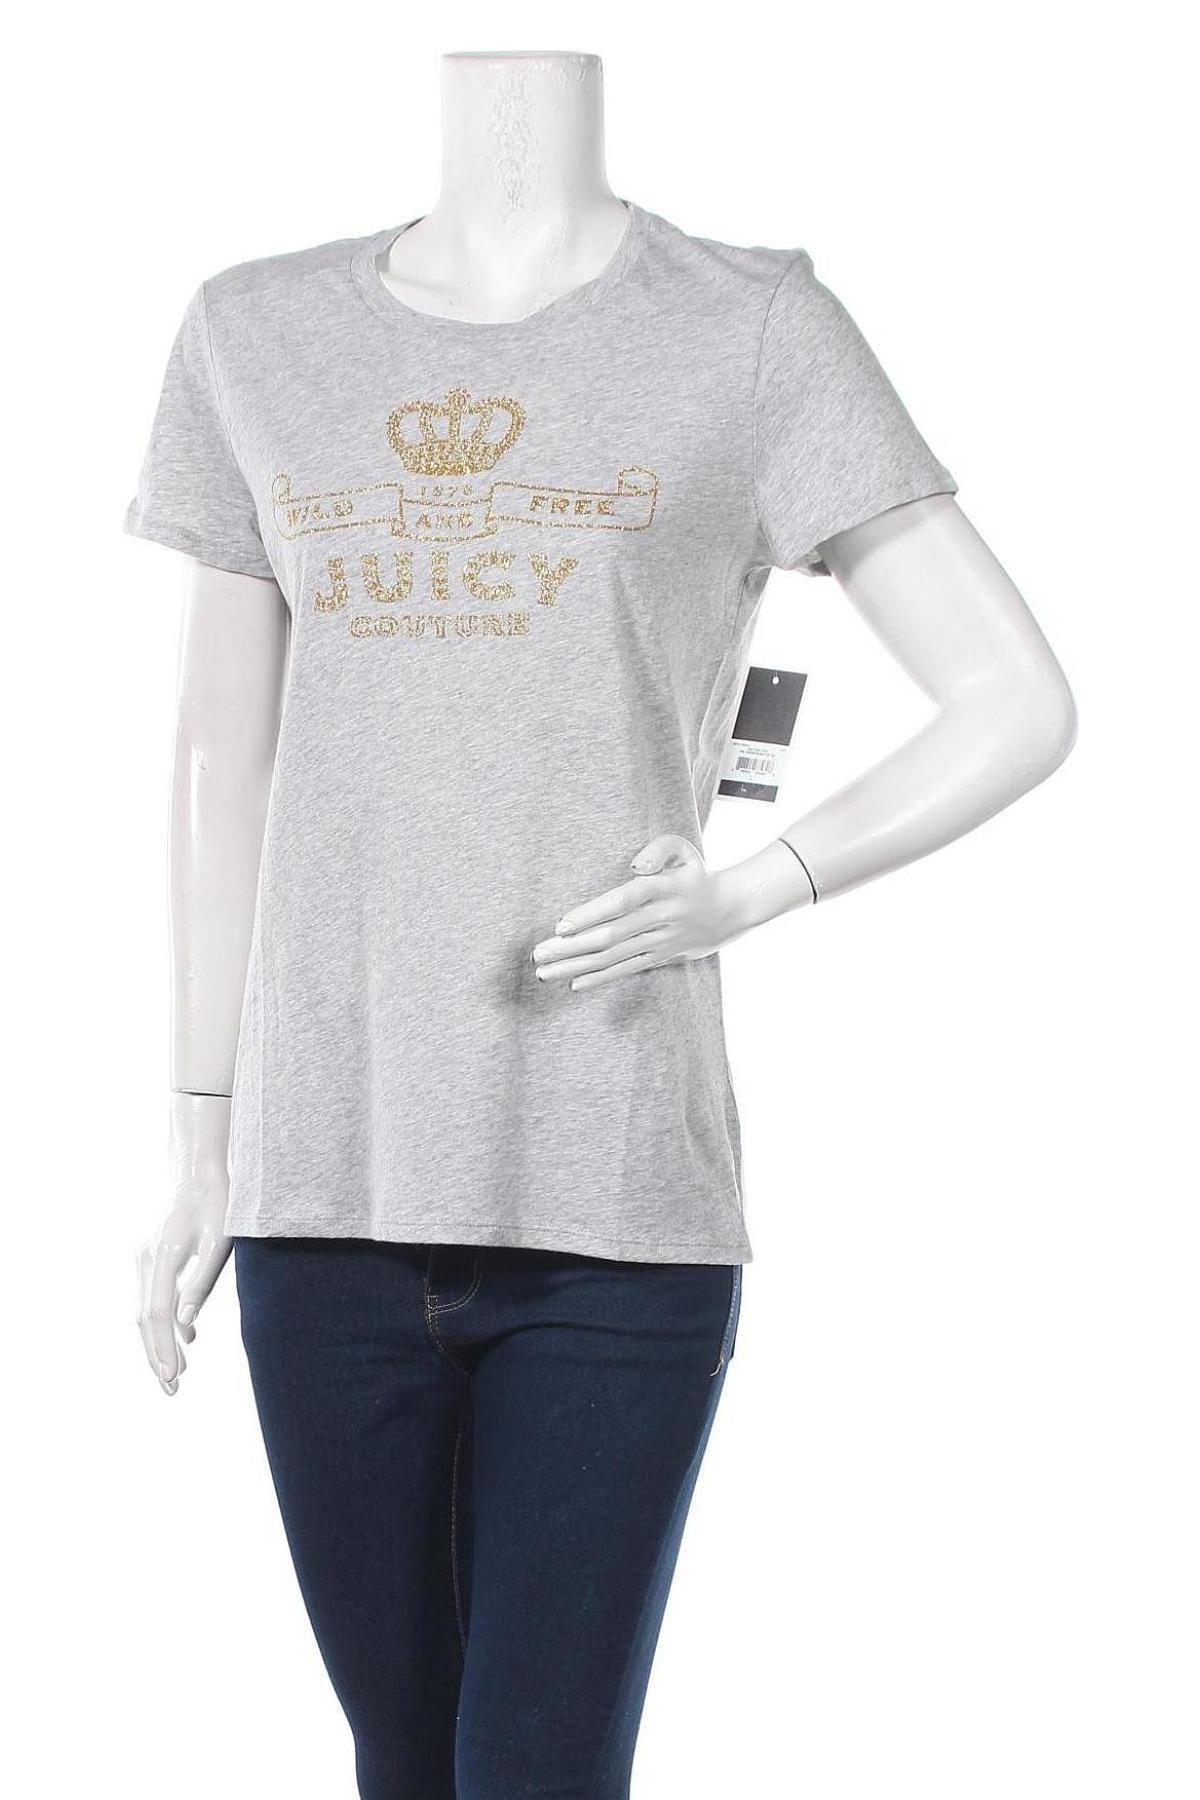 Дамска тениска Juicy Couture, Размер L, Цвят Сив, 100% памук, Цена 37,20лв.